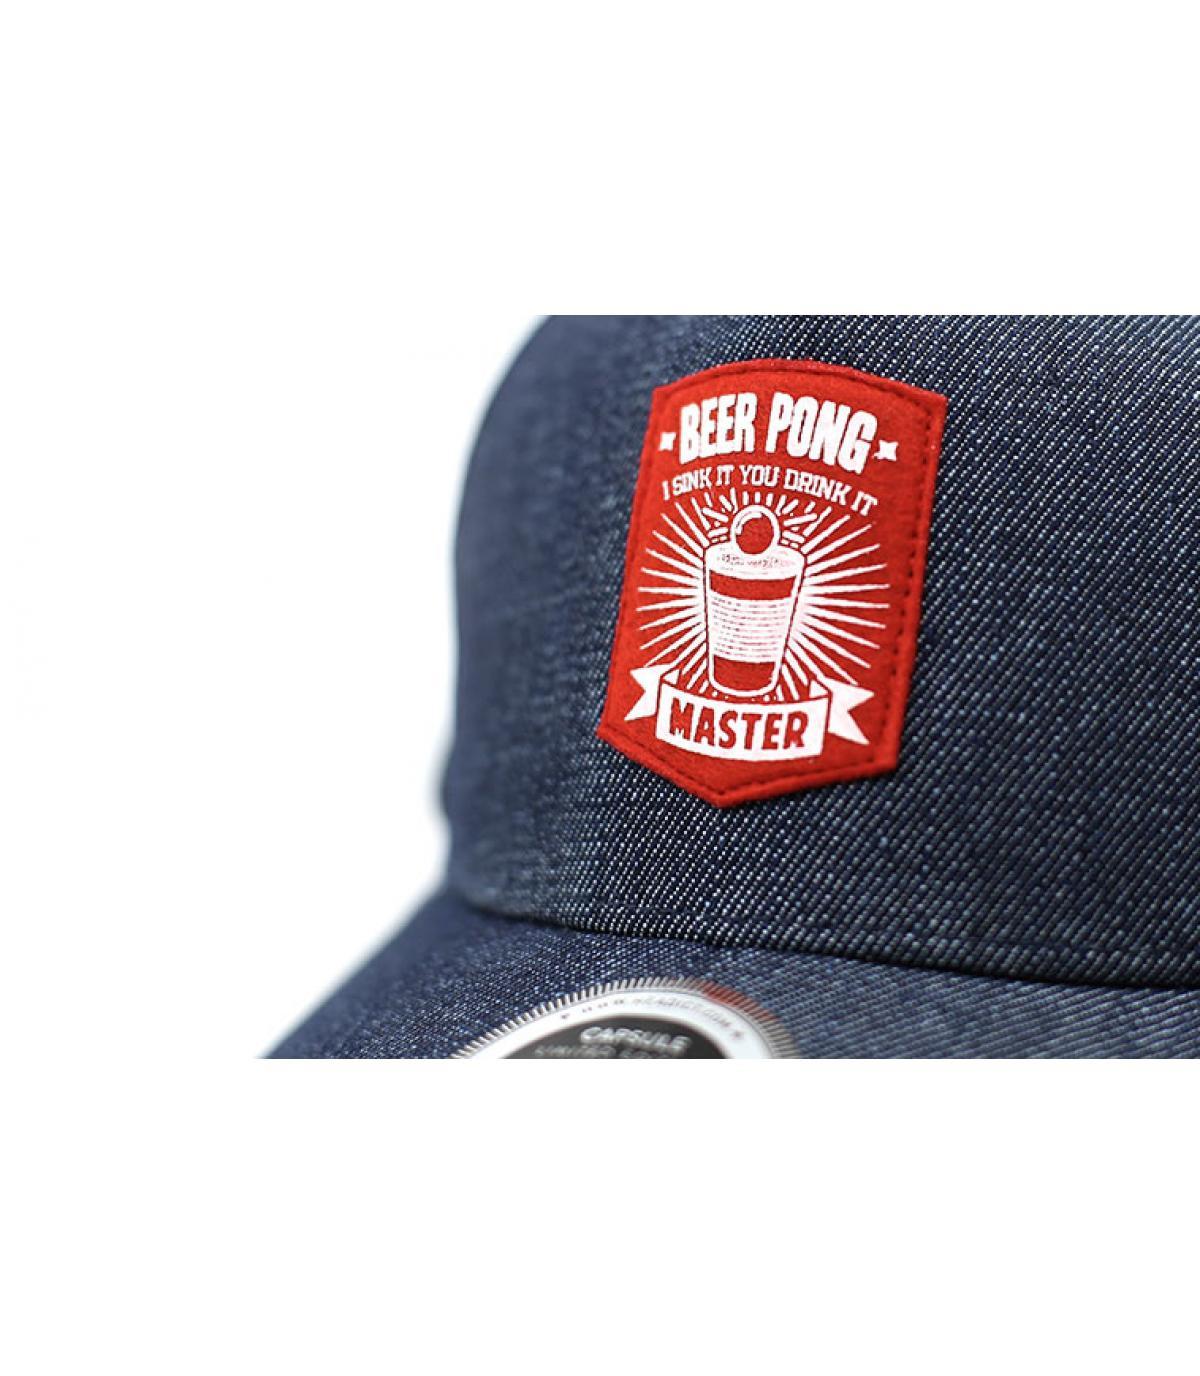 Détails Trucker Beer Pong Master - image 3